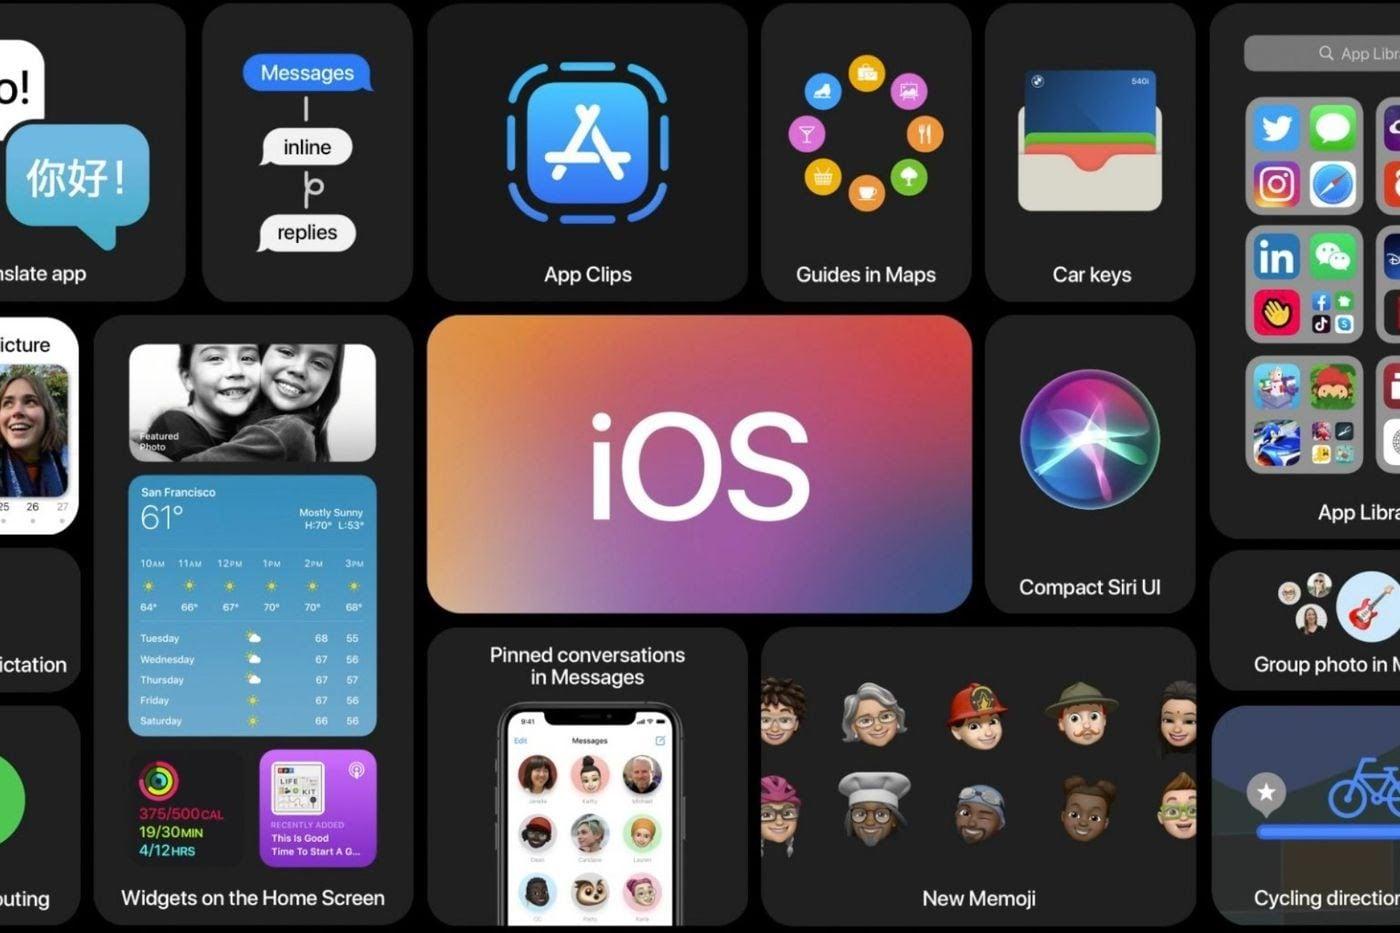 আইএসও ১৪ (iOS 14)-তে সিরি নয়া সুবিধা মিলবে (Redesigned SIRI)। হোম স্ক্রিনে iOS tiles আরও বড় করা যাবে। মেমোজিজ (Memojis) এবং মেসেজে আপডেট এসেছে। মেমোজিজে ২০ টি নয়া স্টাইল যোগ করা হয়েছে। (ছবি সৌজন্য টুইটার)